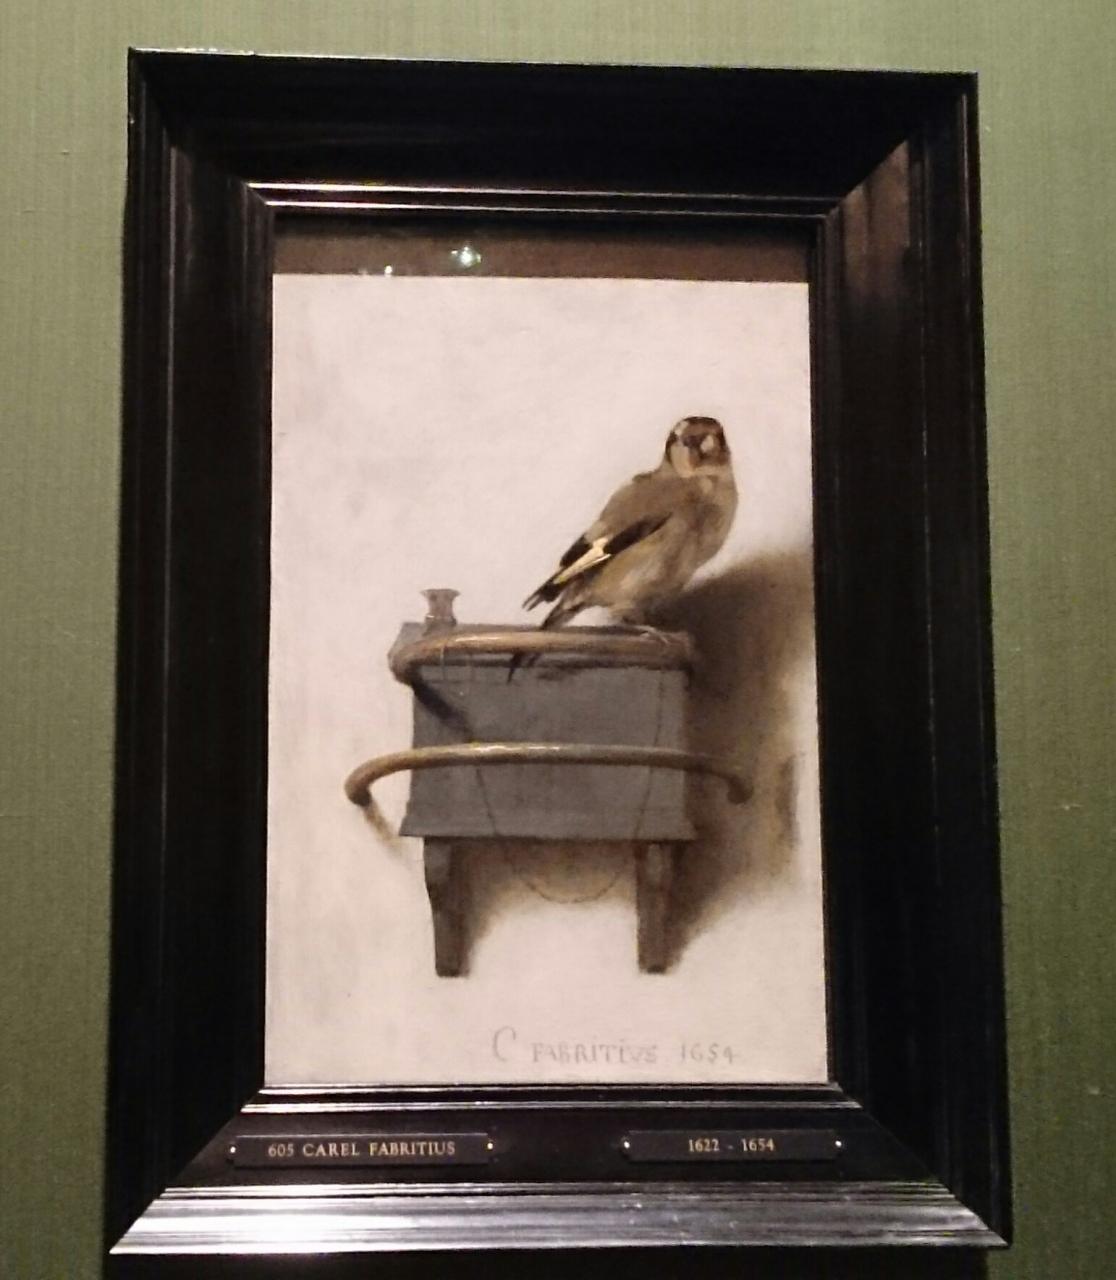 カレル・ファブリティウスの画像 p1_35